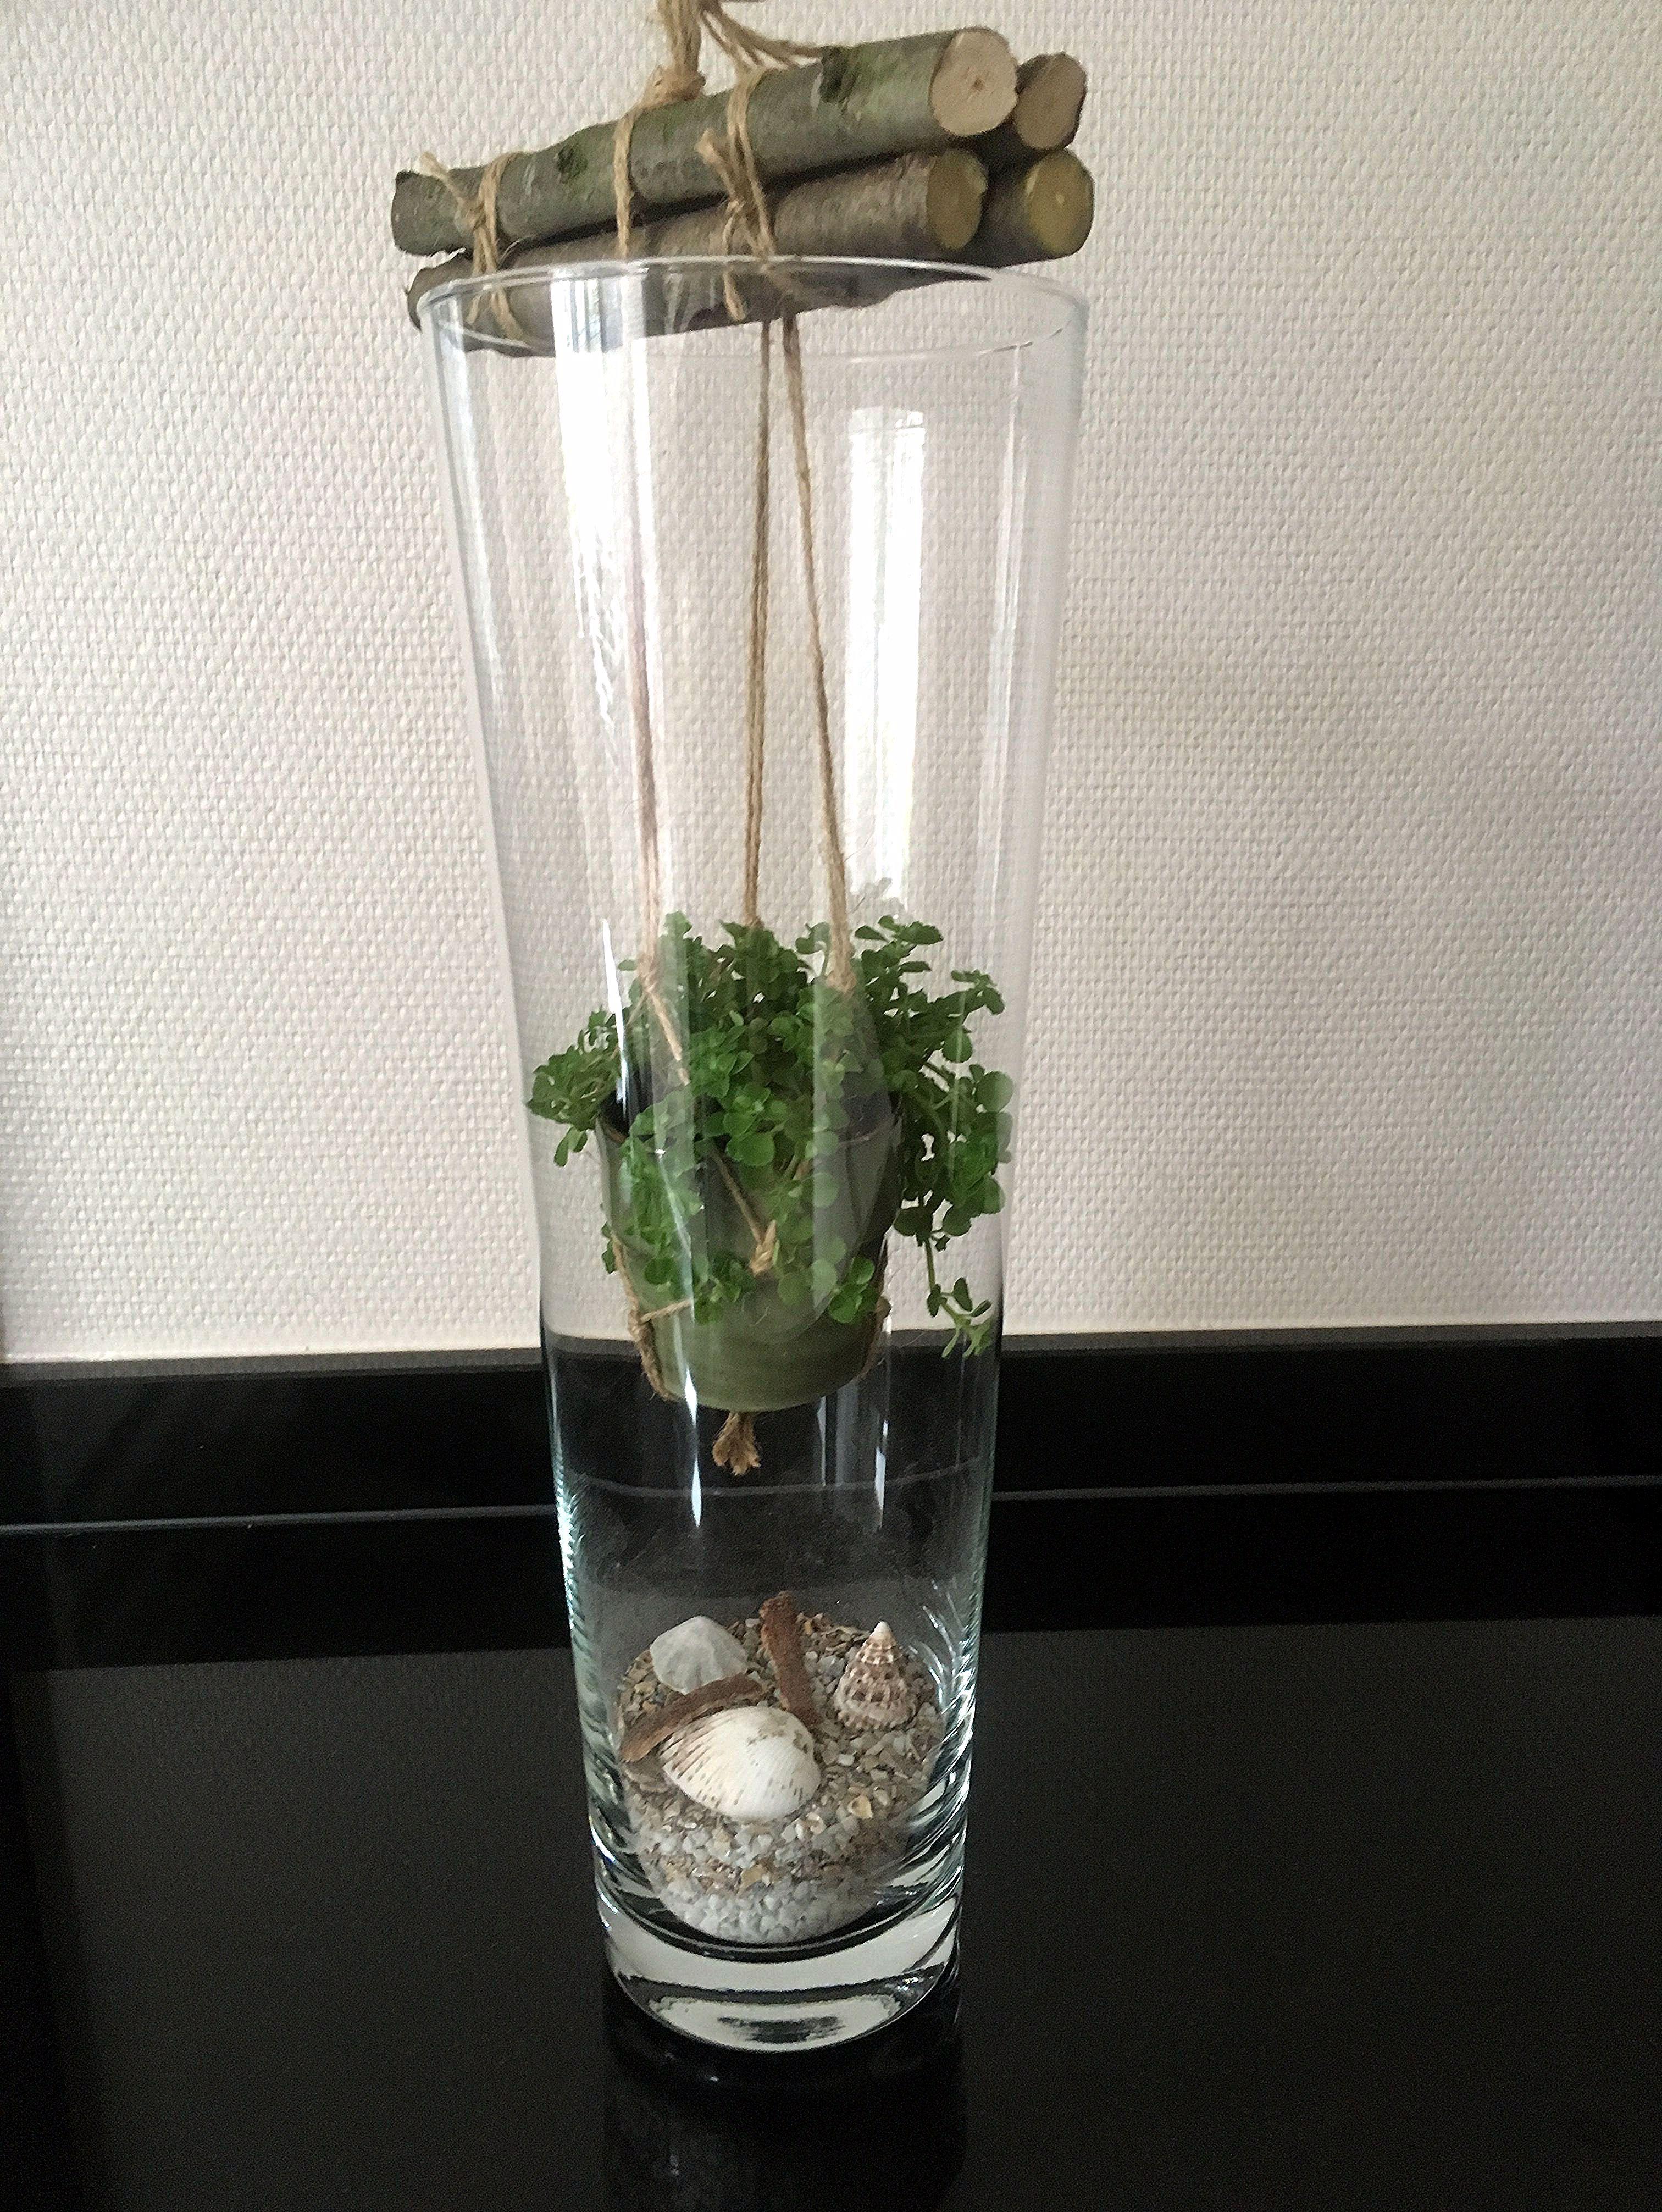 Idee Deco Pour Grand Vase Transparent jacinthe en 2020 | idée déco vase transparent, décorer vase